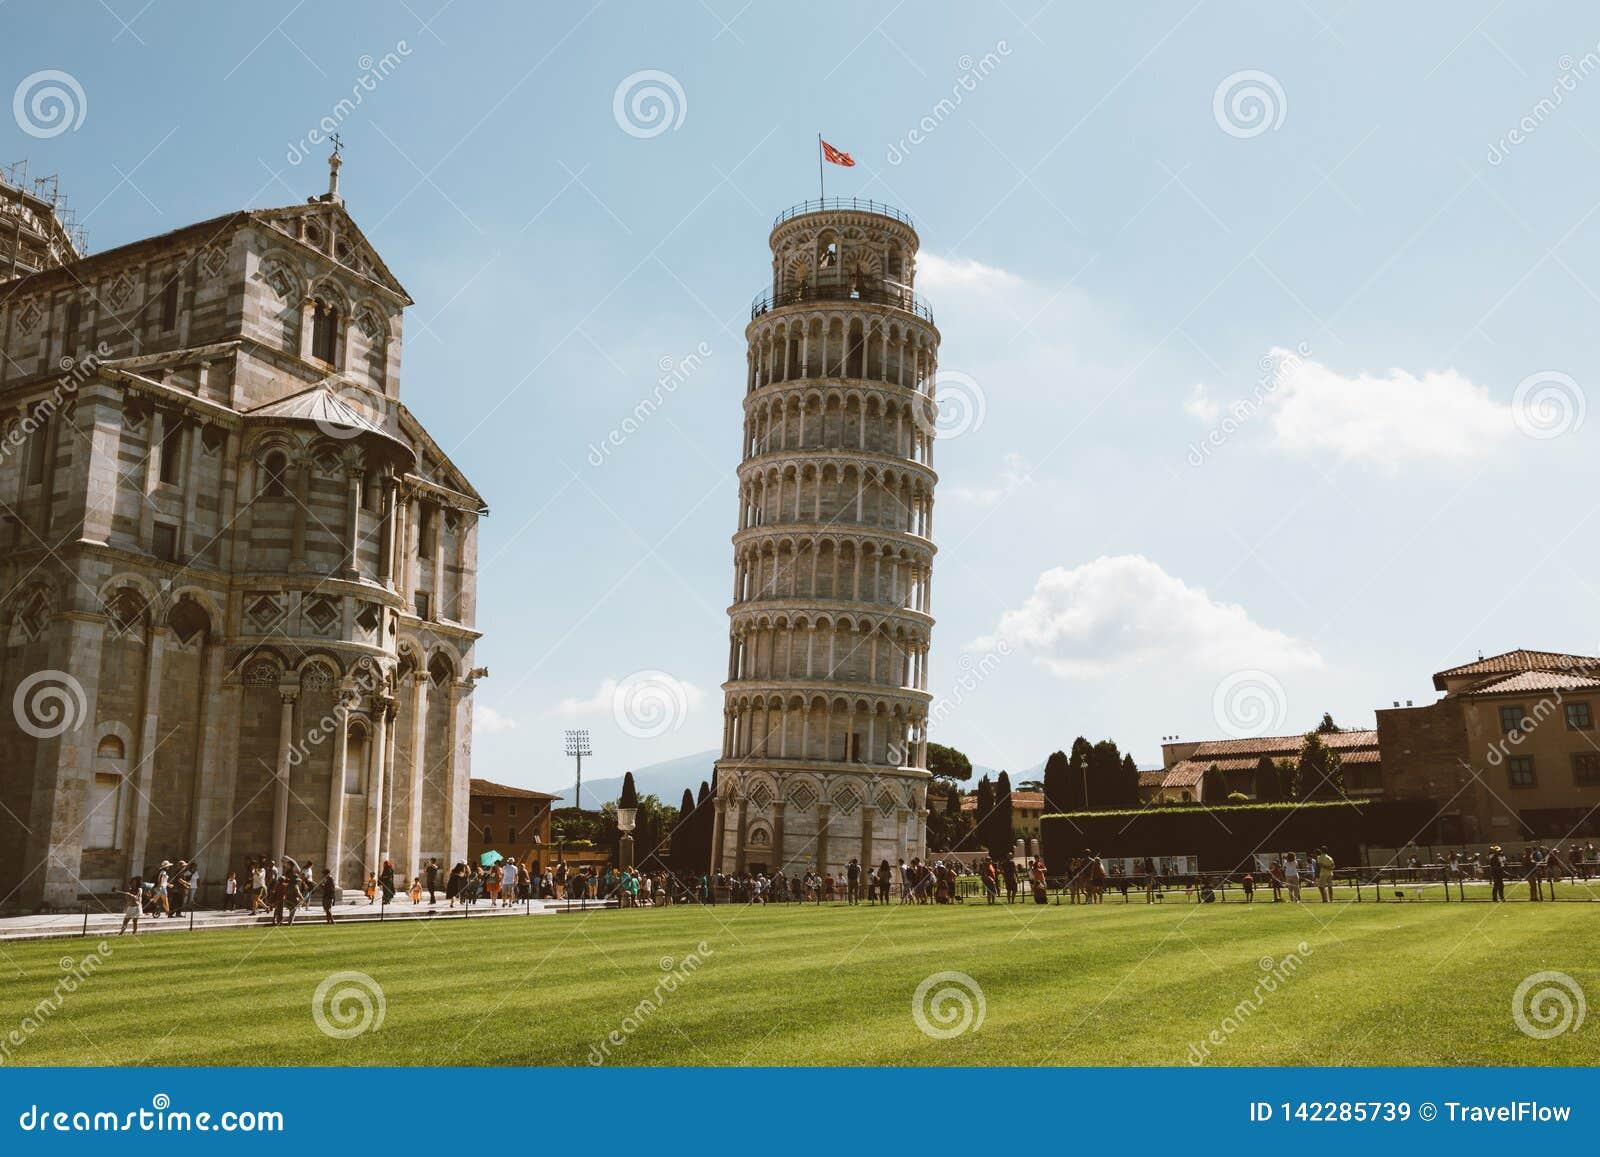 Vista Panoramica De La Torre Inclinada De Pisa O De La Torre De Pisa